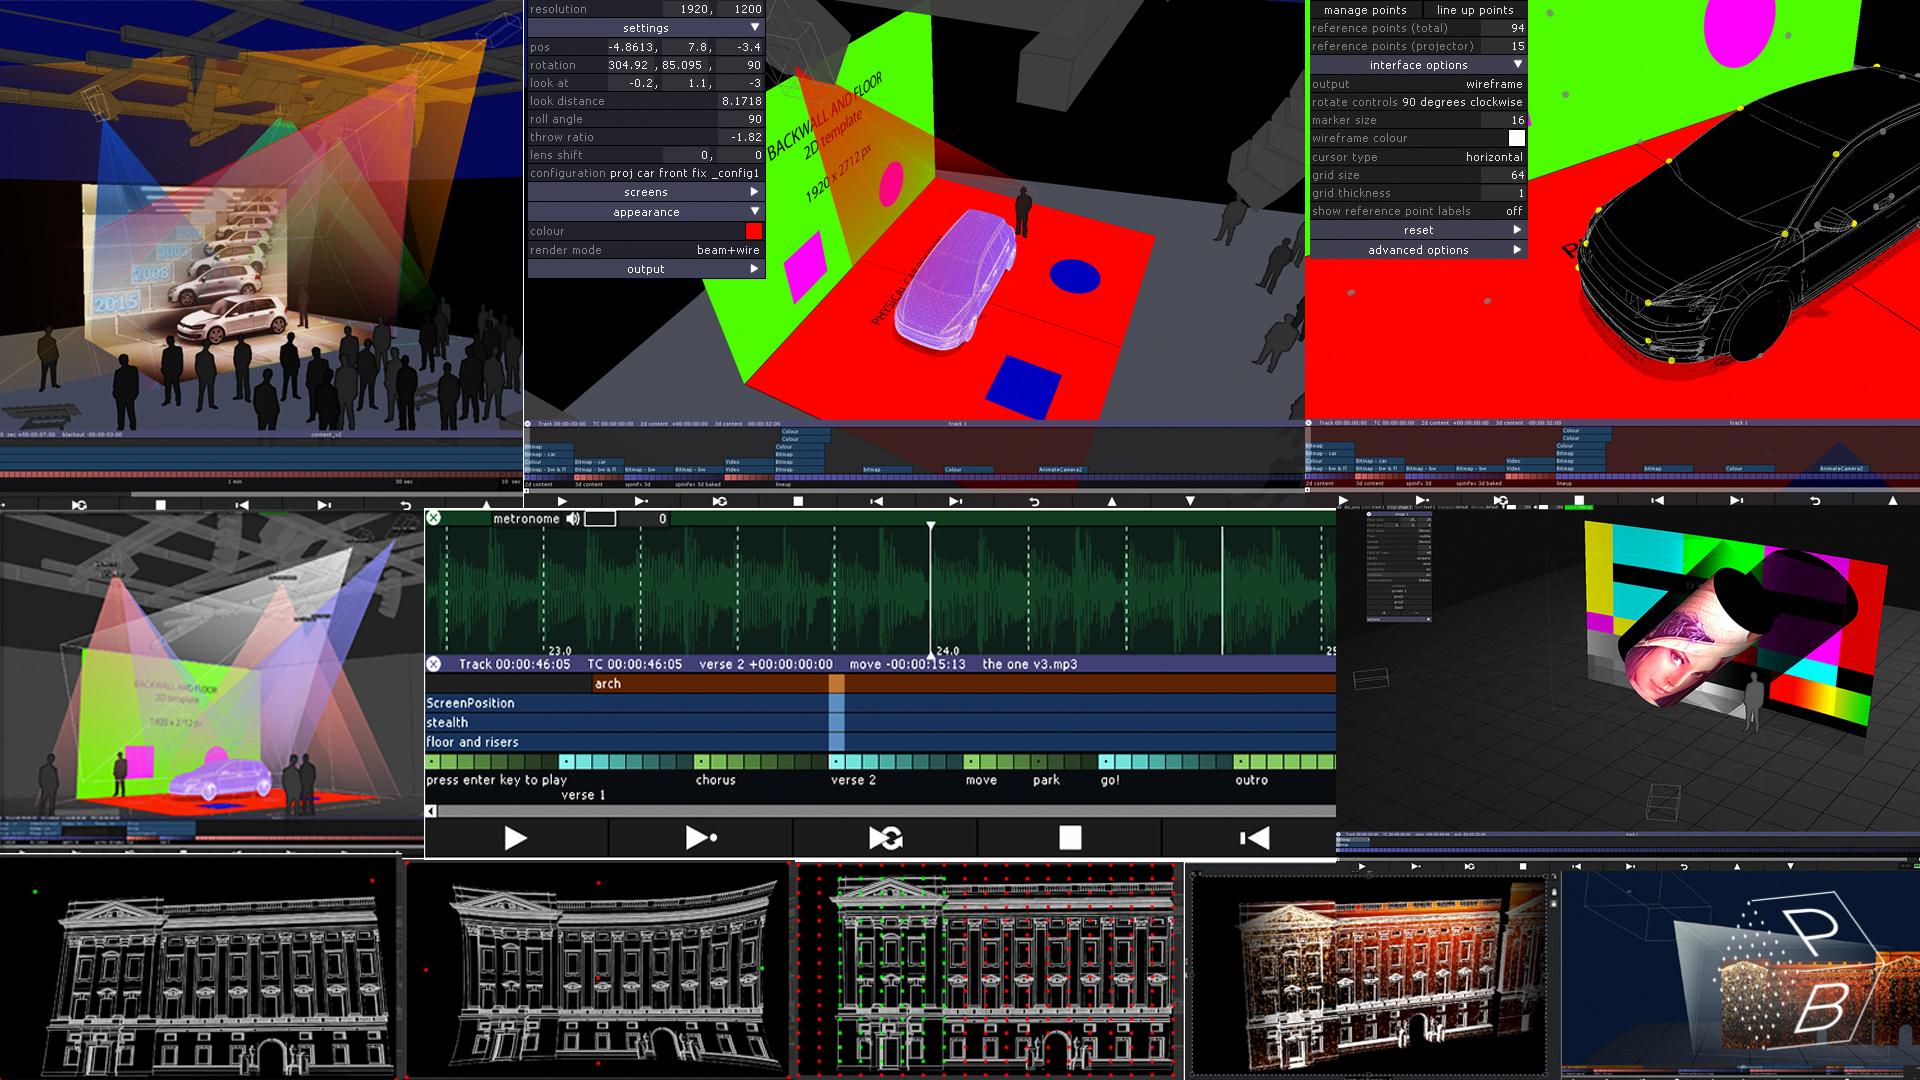 D3 productionsuite